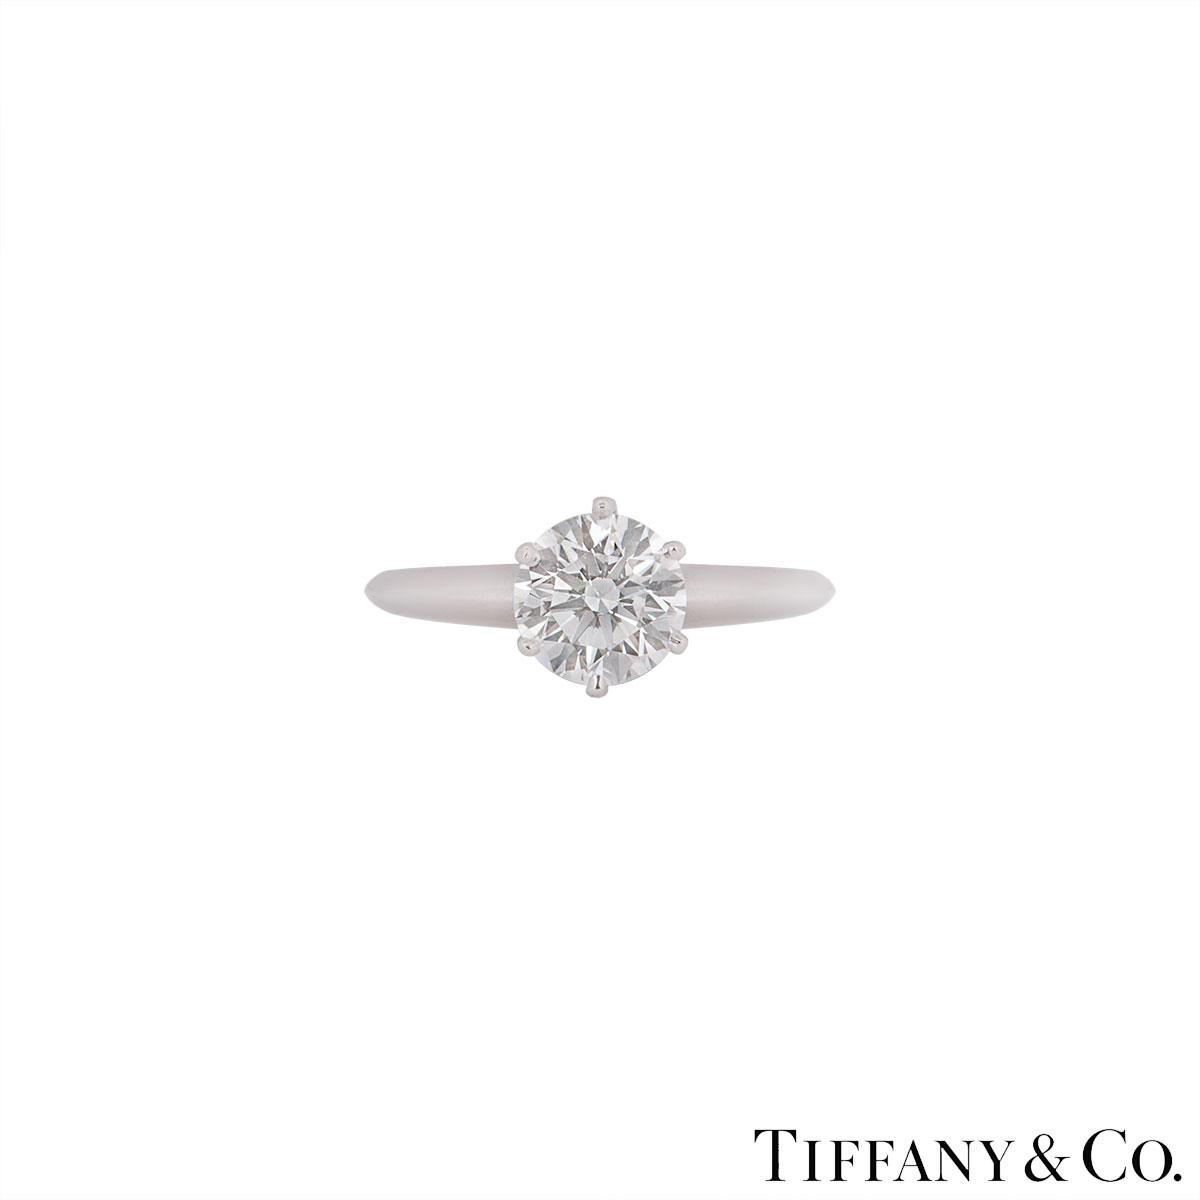 Tiffany & Co. Platinum Diamond Setting Ring 1.51ct F/VS1 XXX